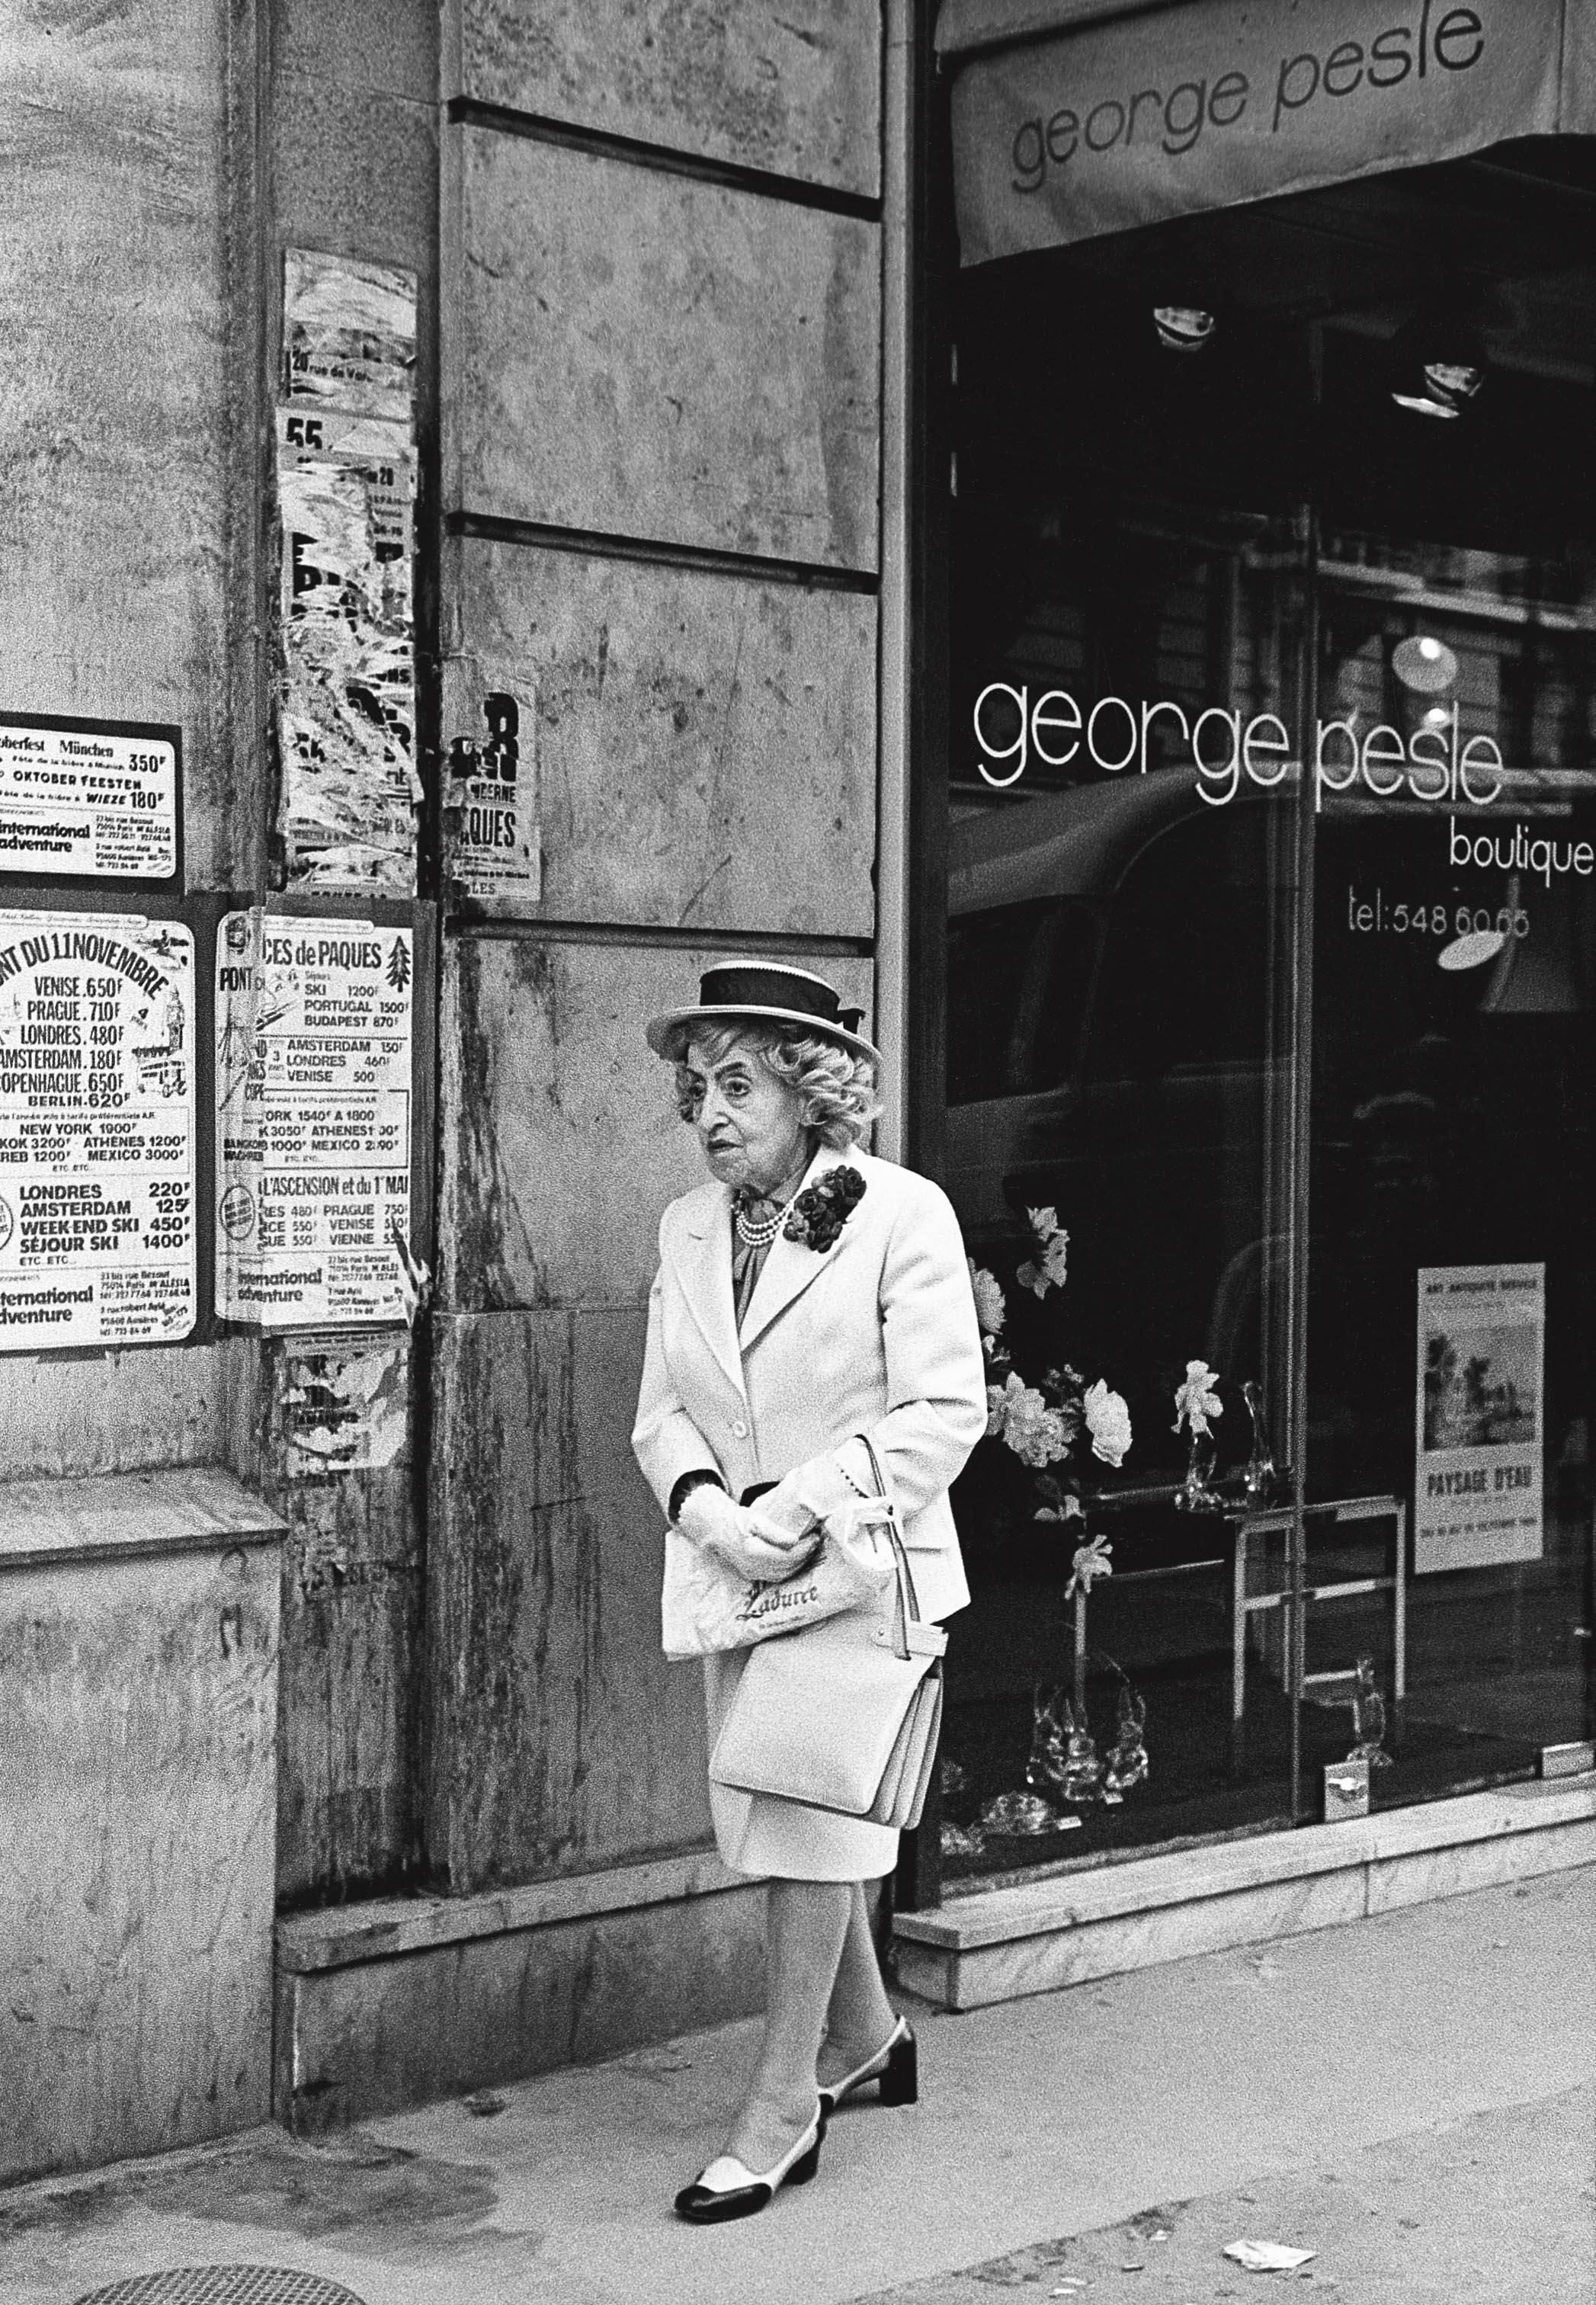 La vieille dame au canotier, Paris 1980